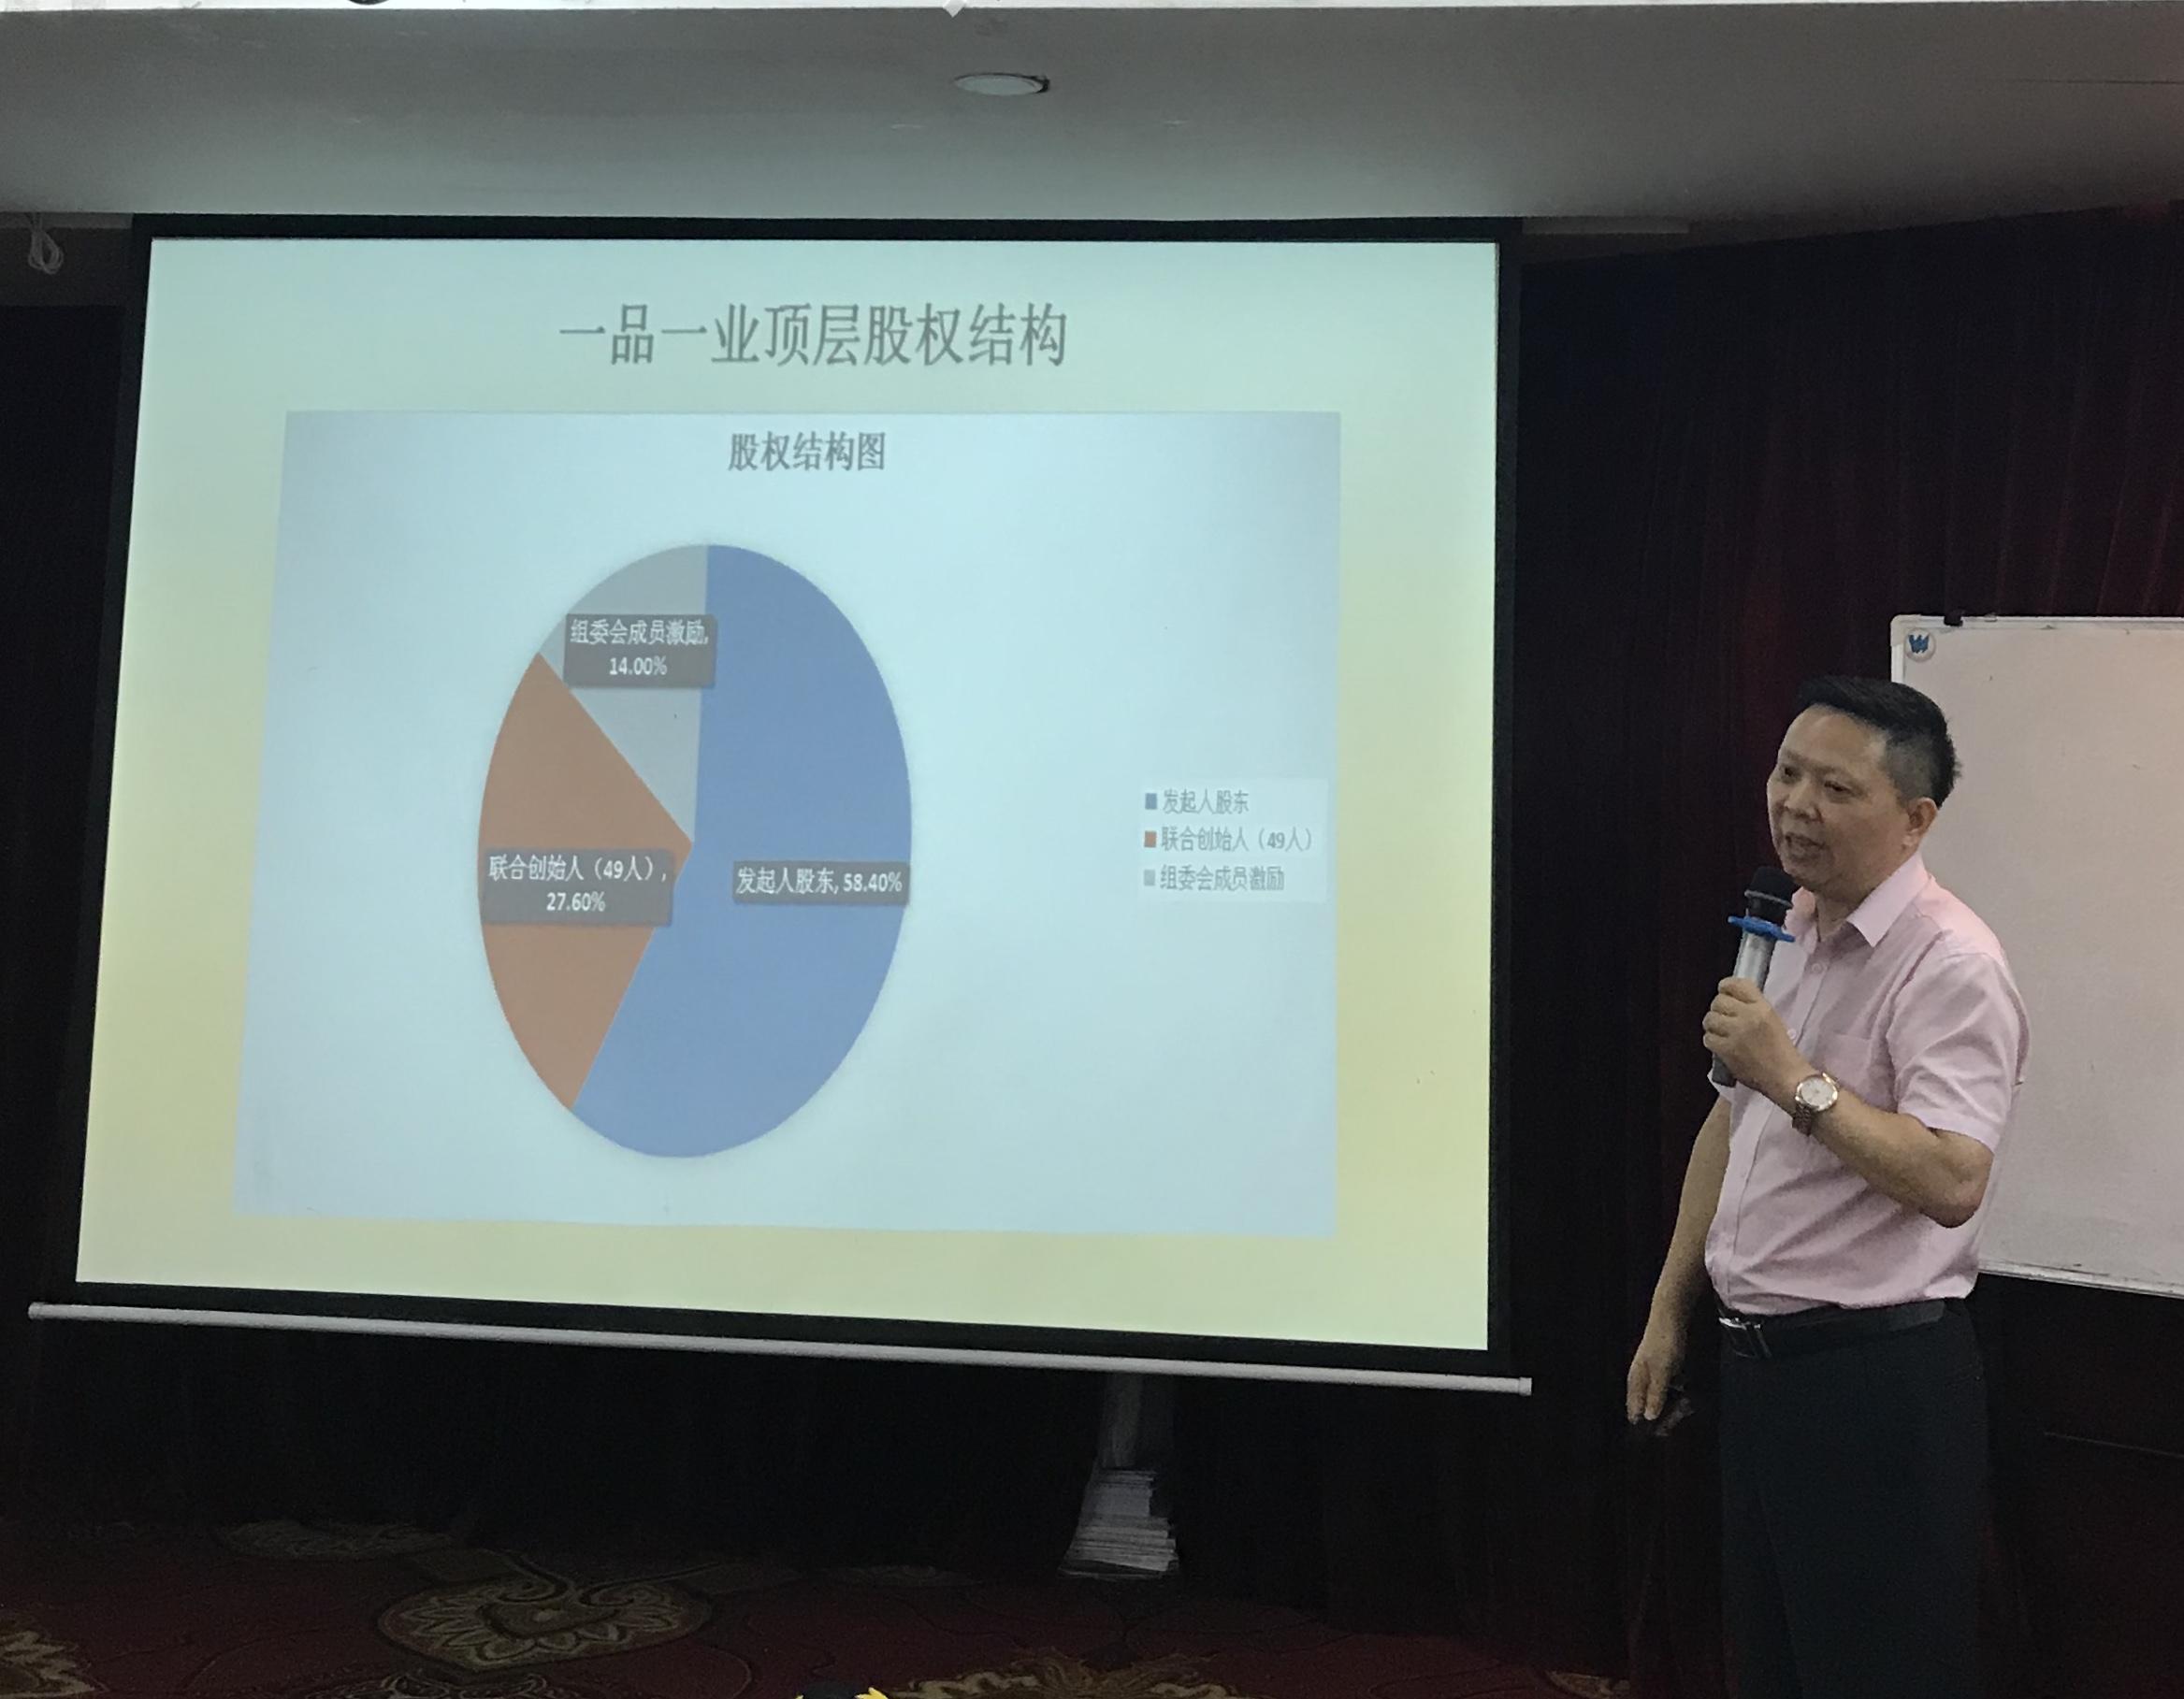 萧洪在中国好平台经济交流会上分享股权顶层设计